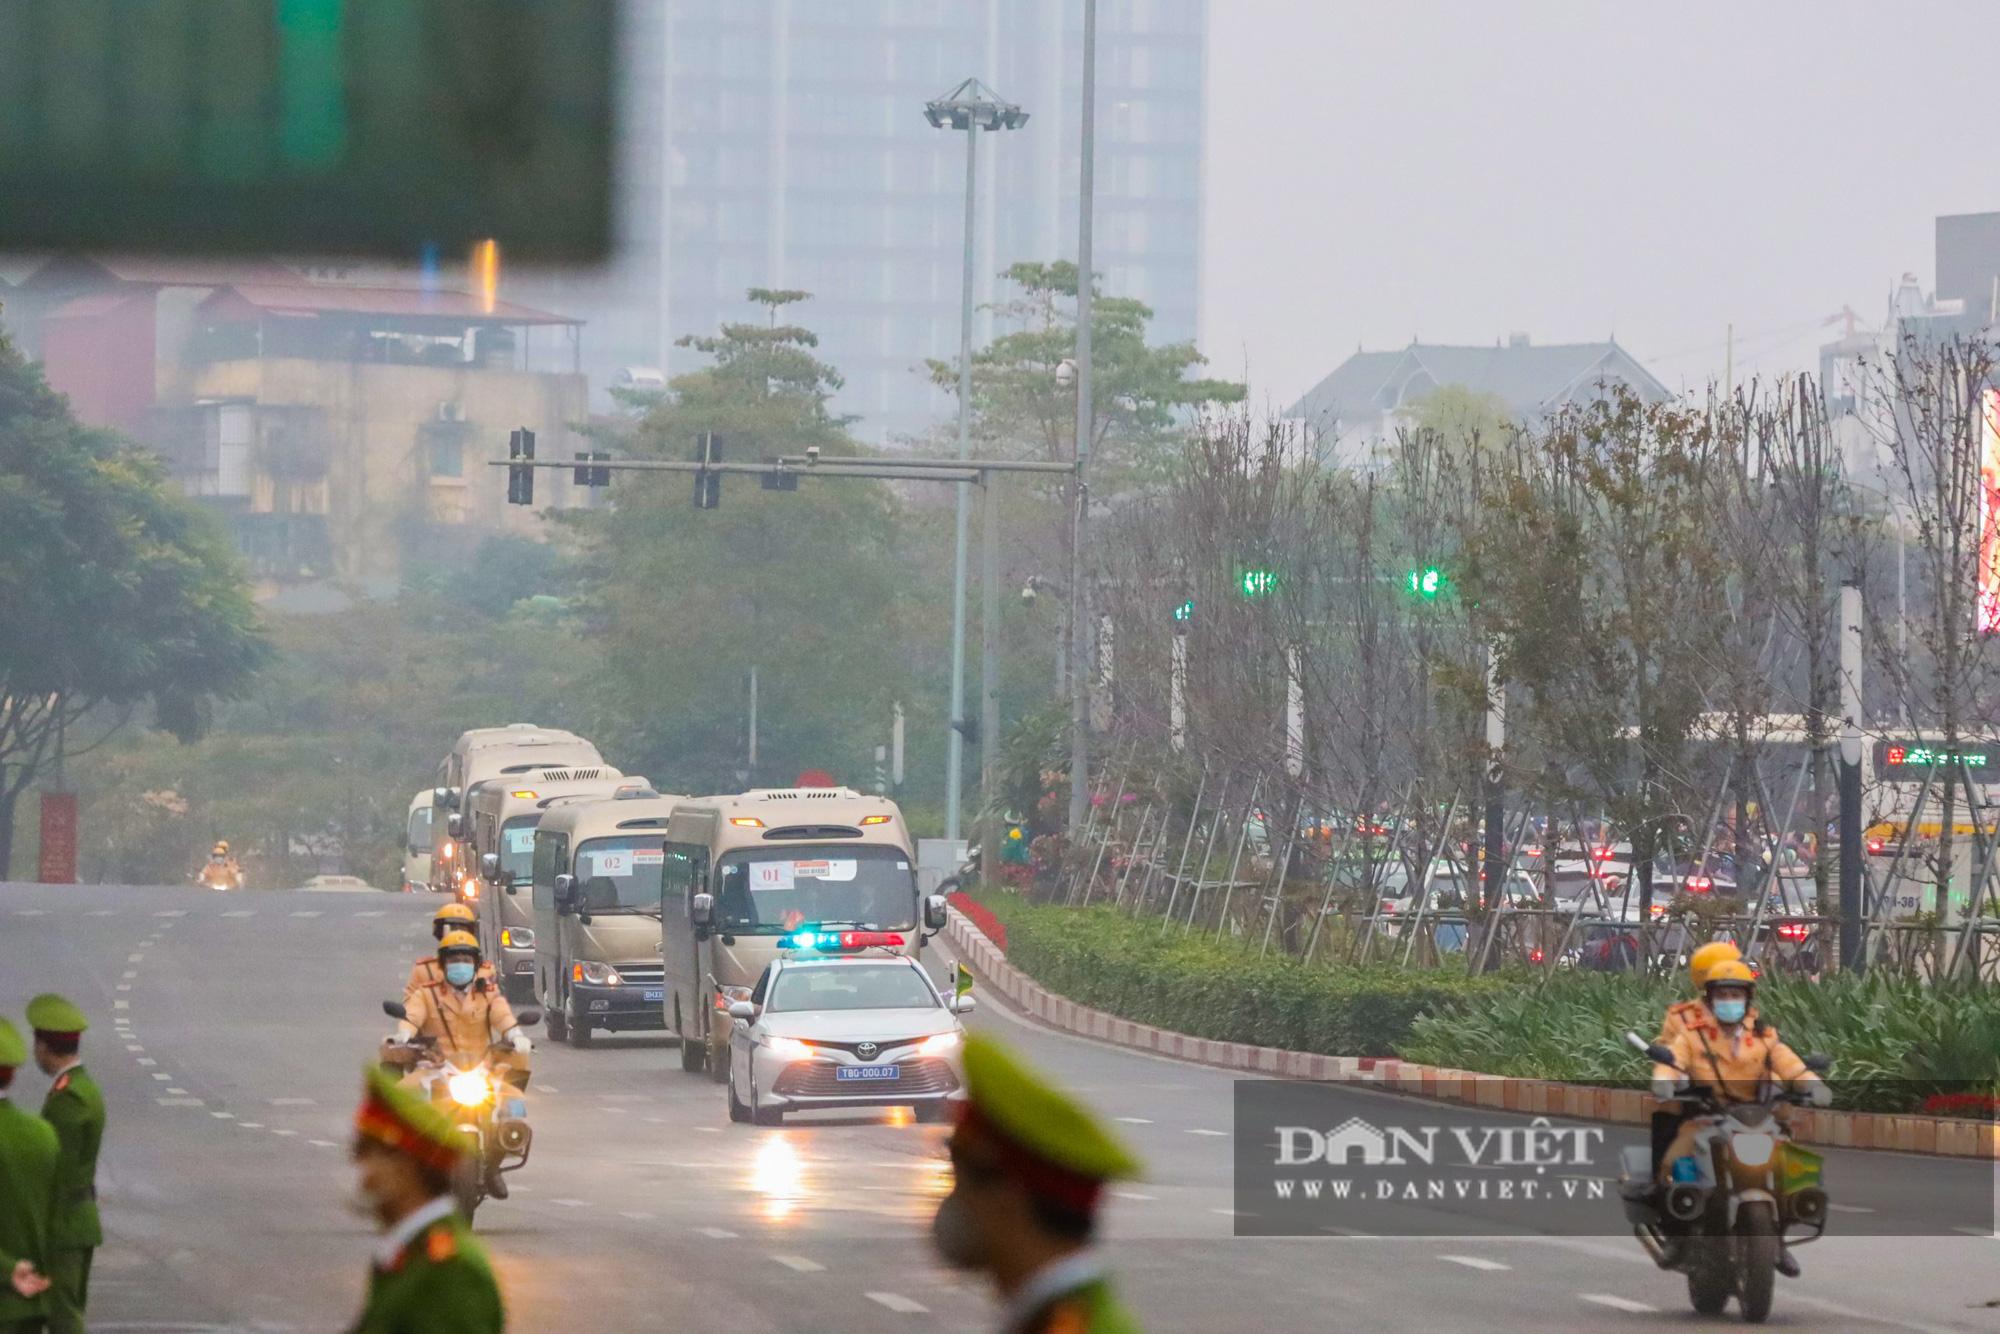 Hình ảnh đoàn xe đại biểu từ Lăng Bác về Trung tâm Hội nghị Quốc gia - Ảnh 12.